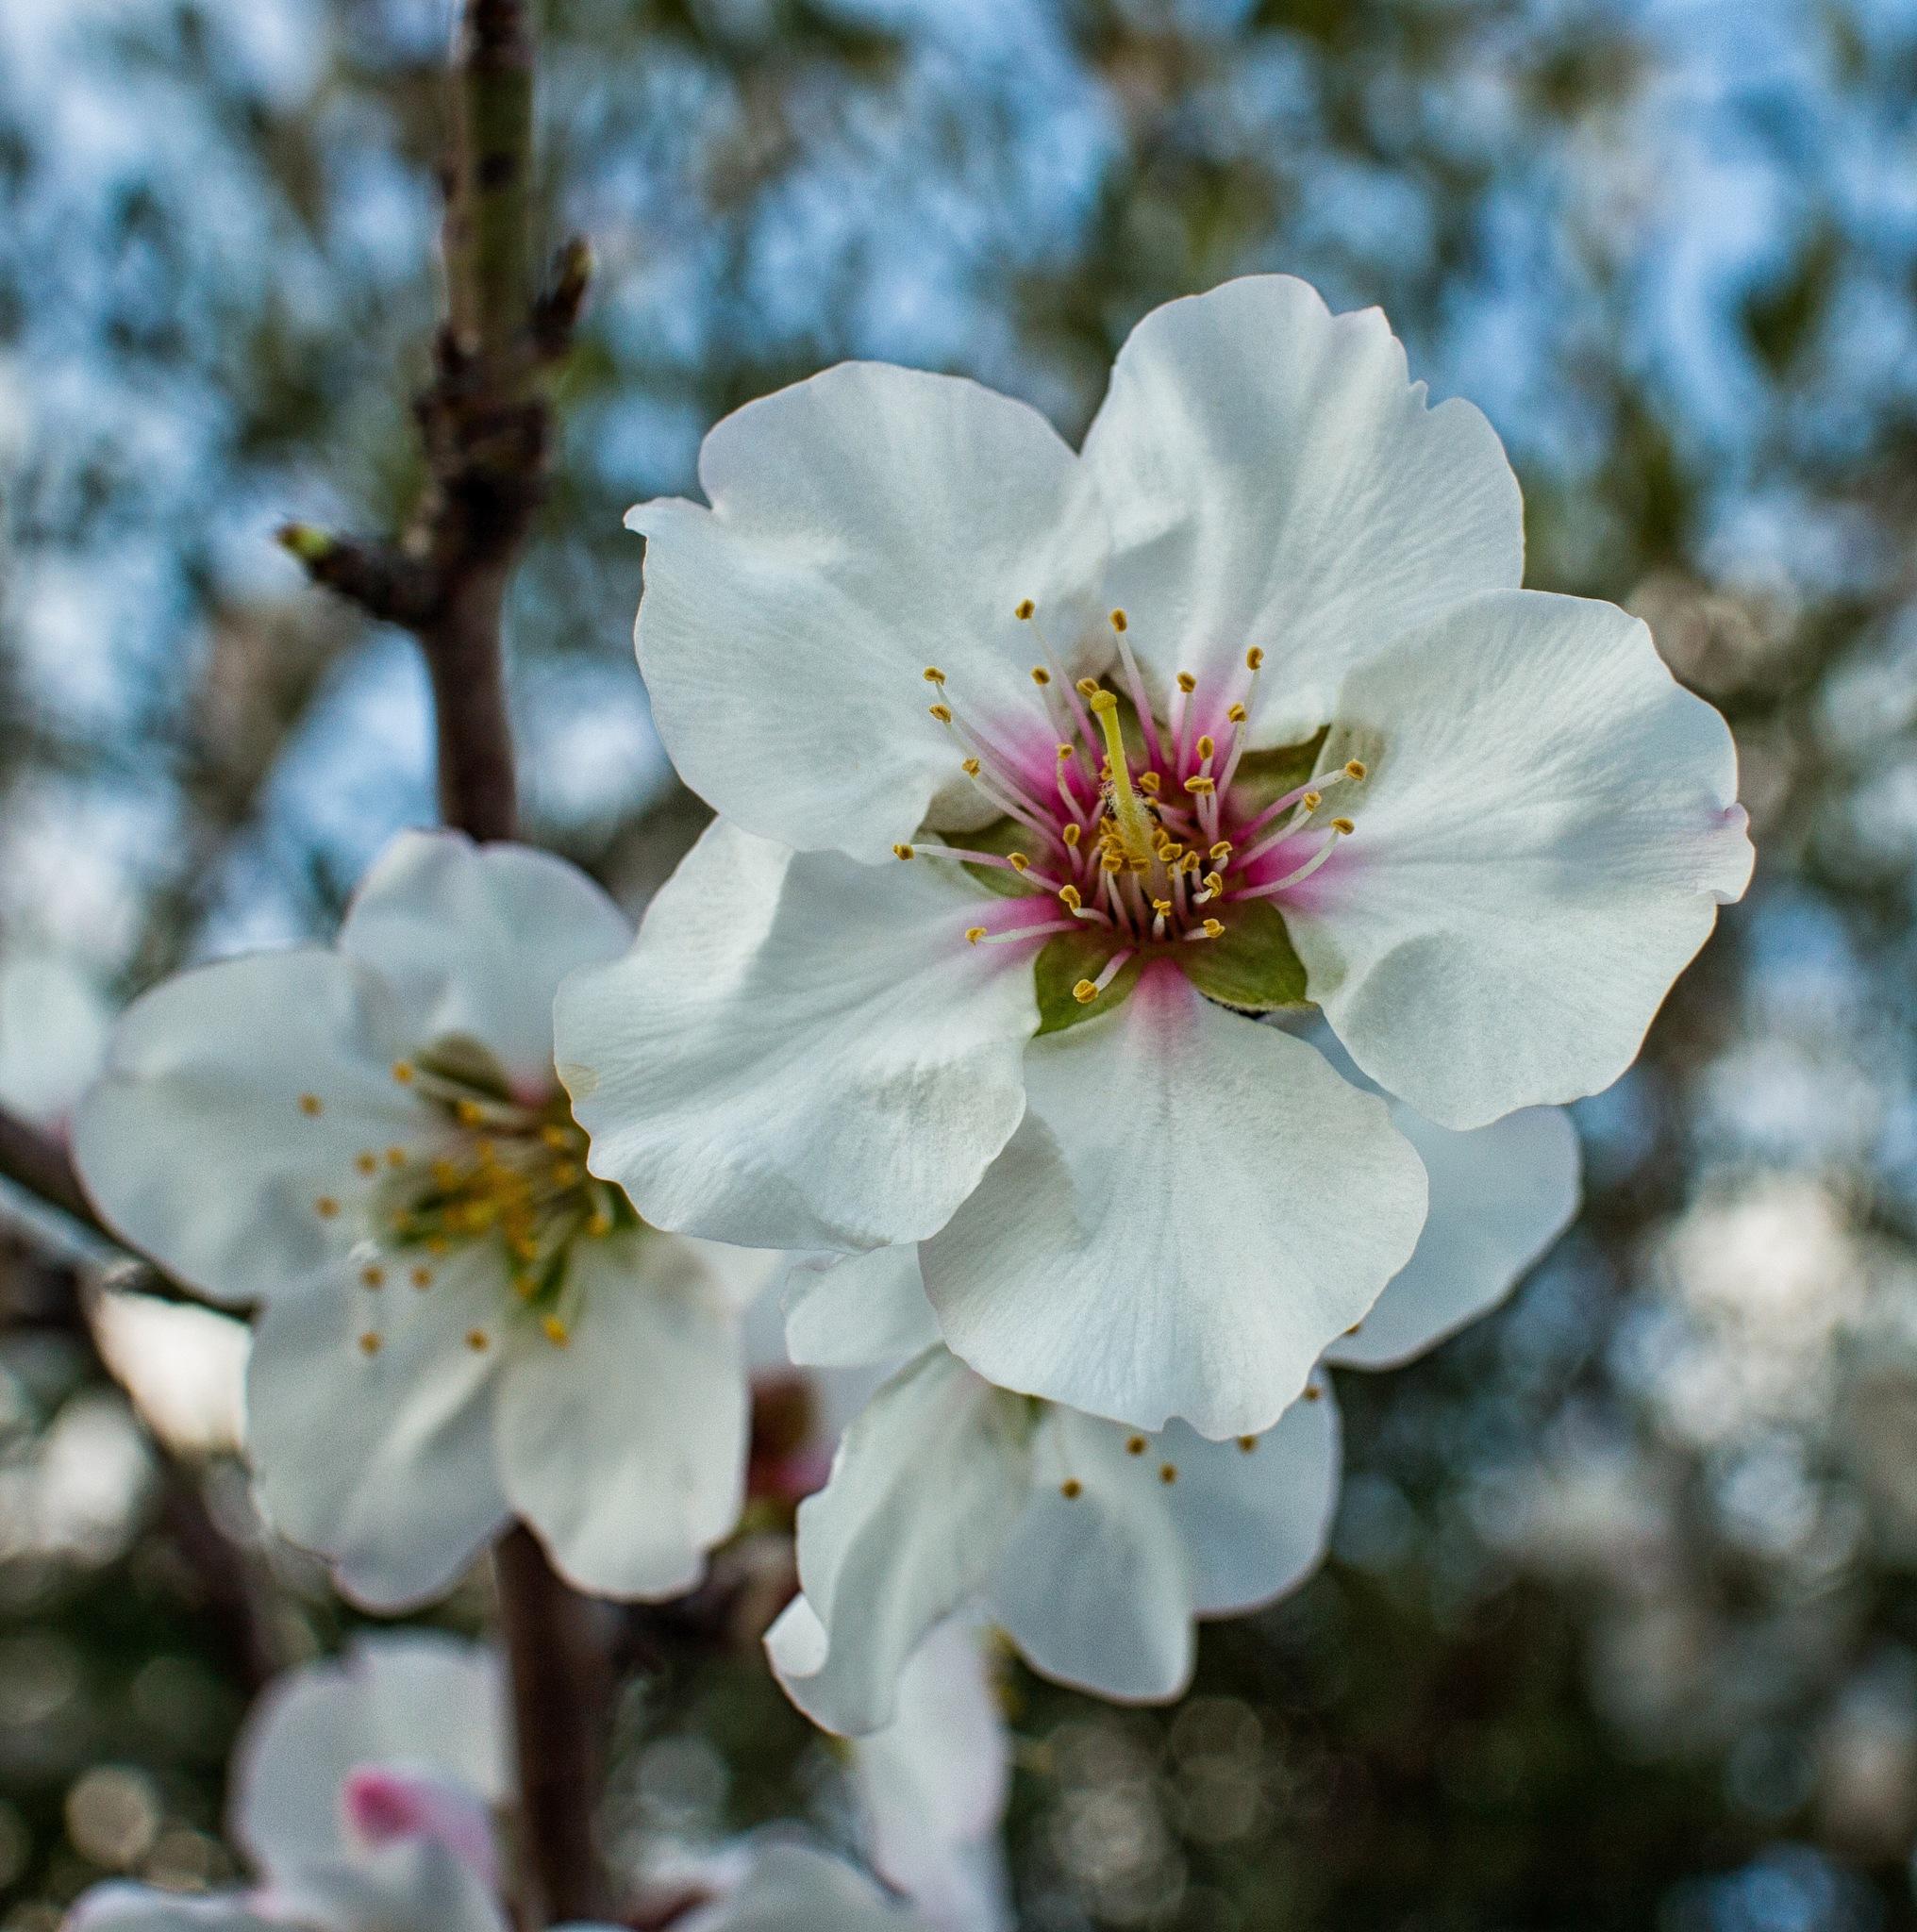 Mandorlo in fiore by corvonero